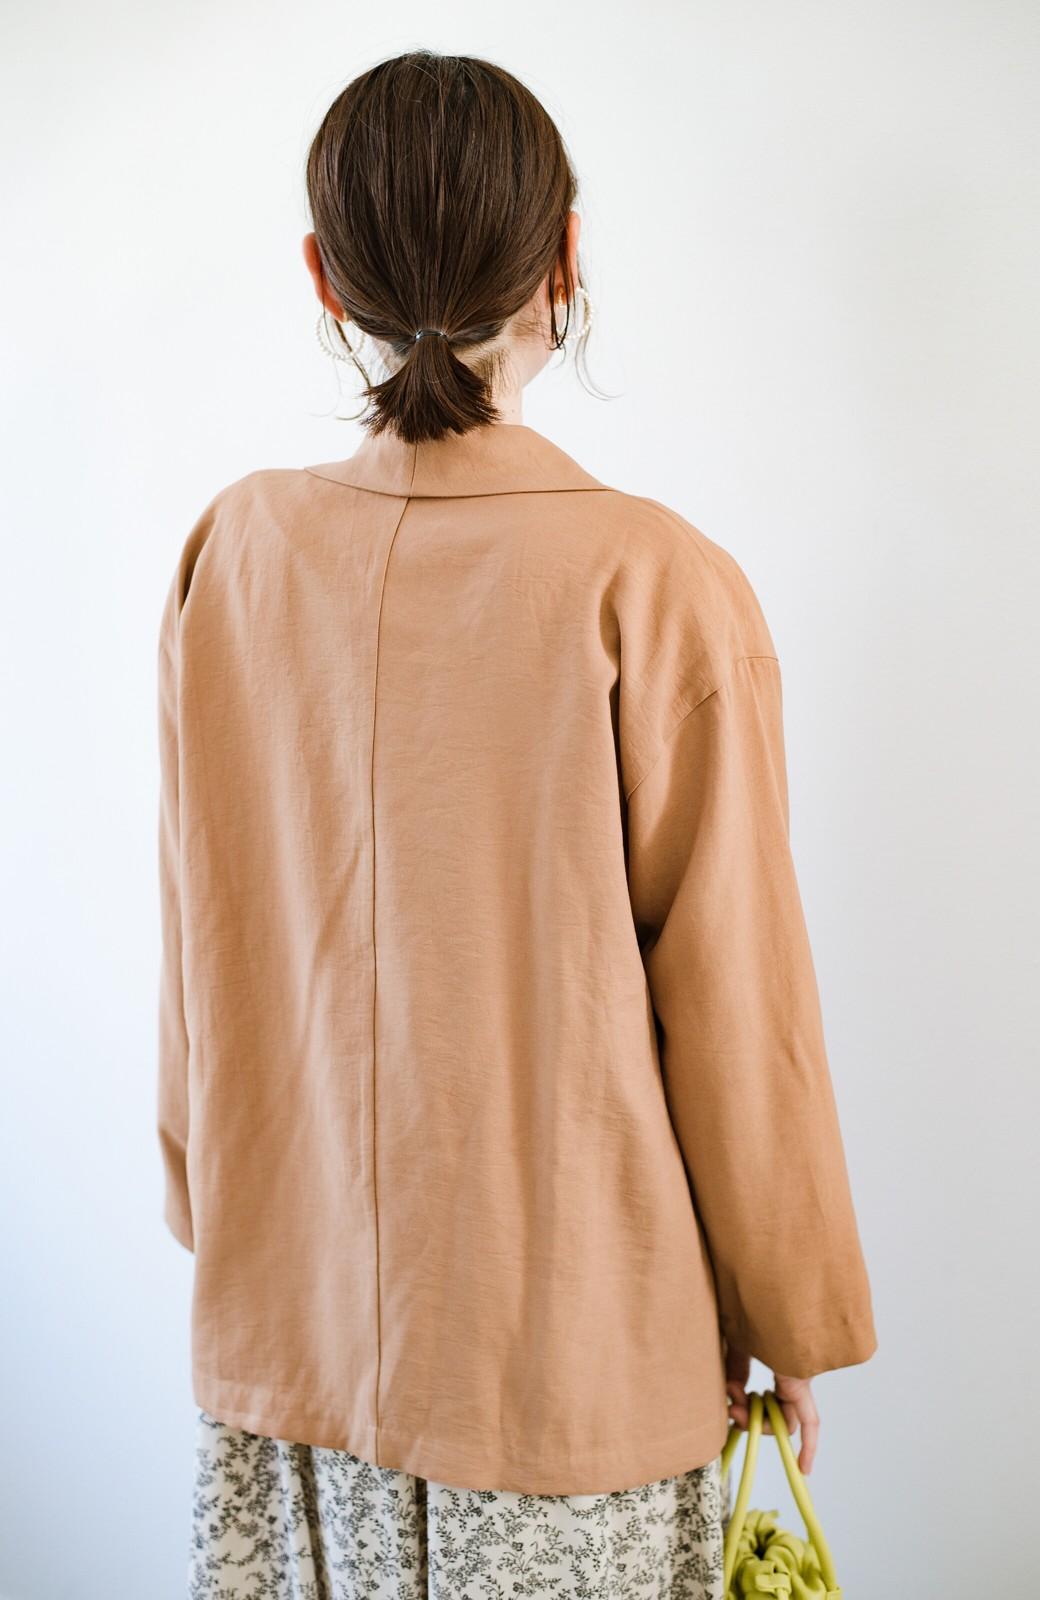 haco! さらりと羽織ってきれい見え カジュアルにも着られてほどよいきちんと感が頼りになるリラックスジャケット <キャメル>の商品写真20